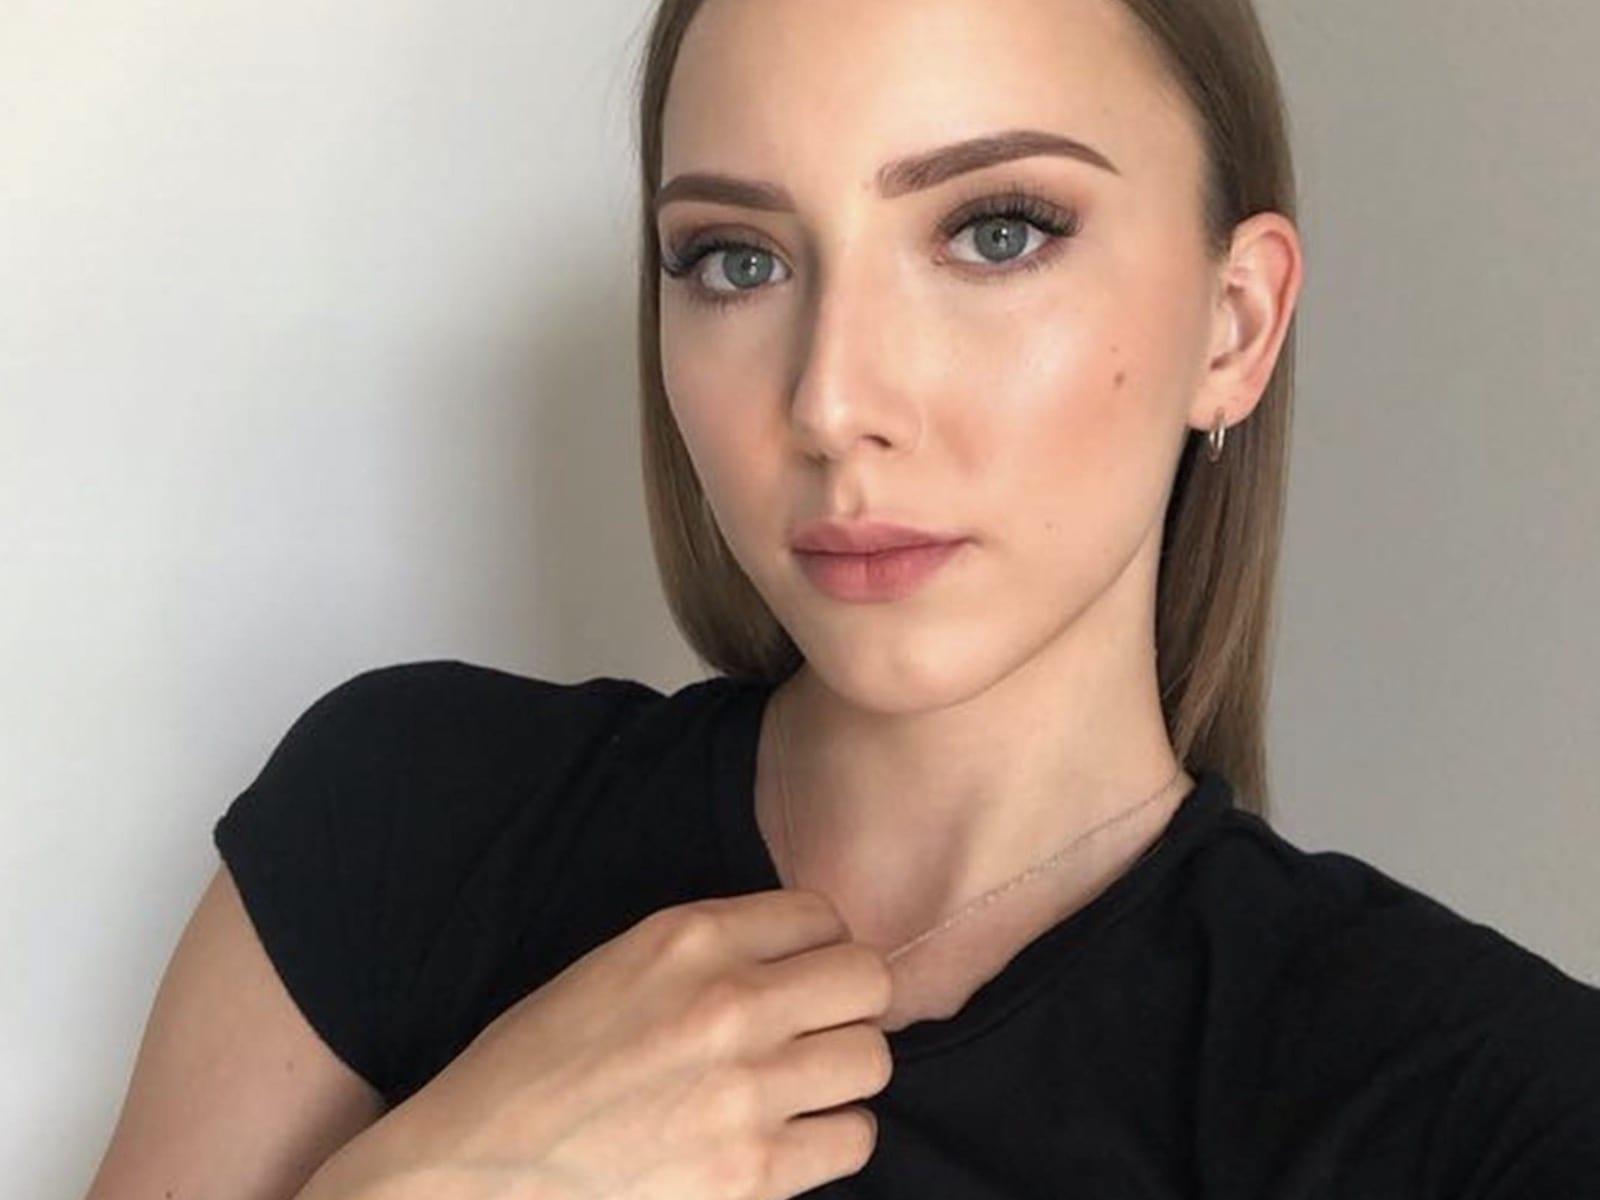 Hailie Jade Selfie Pic Black Shirt